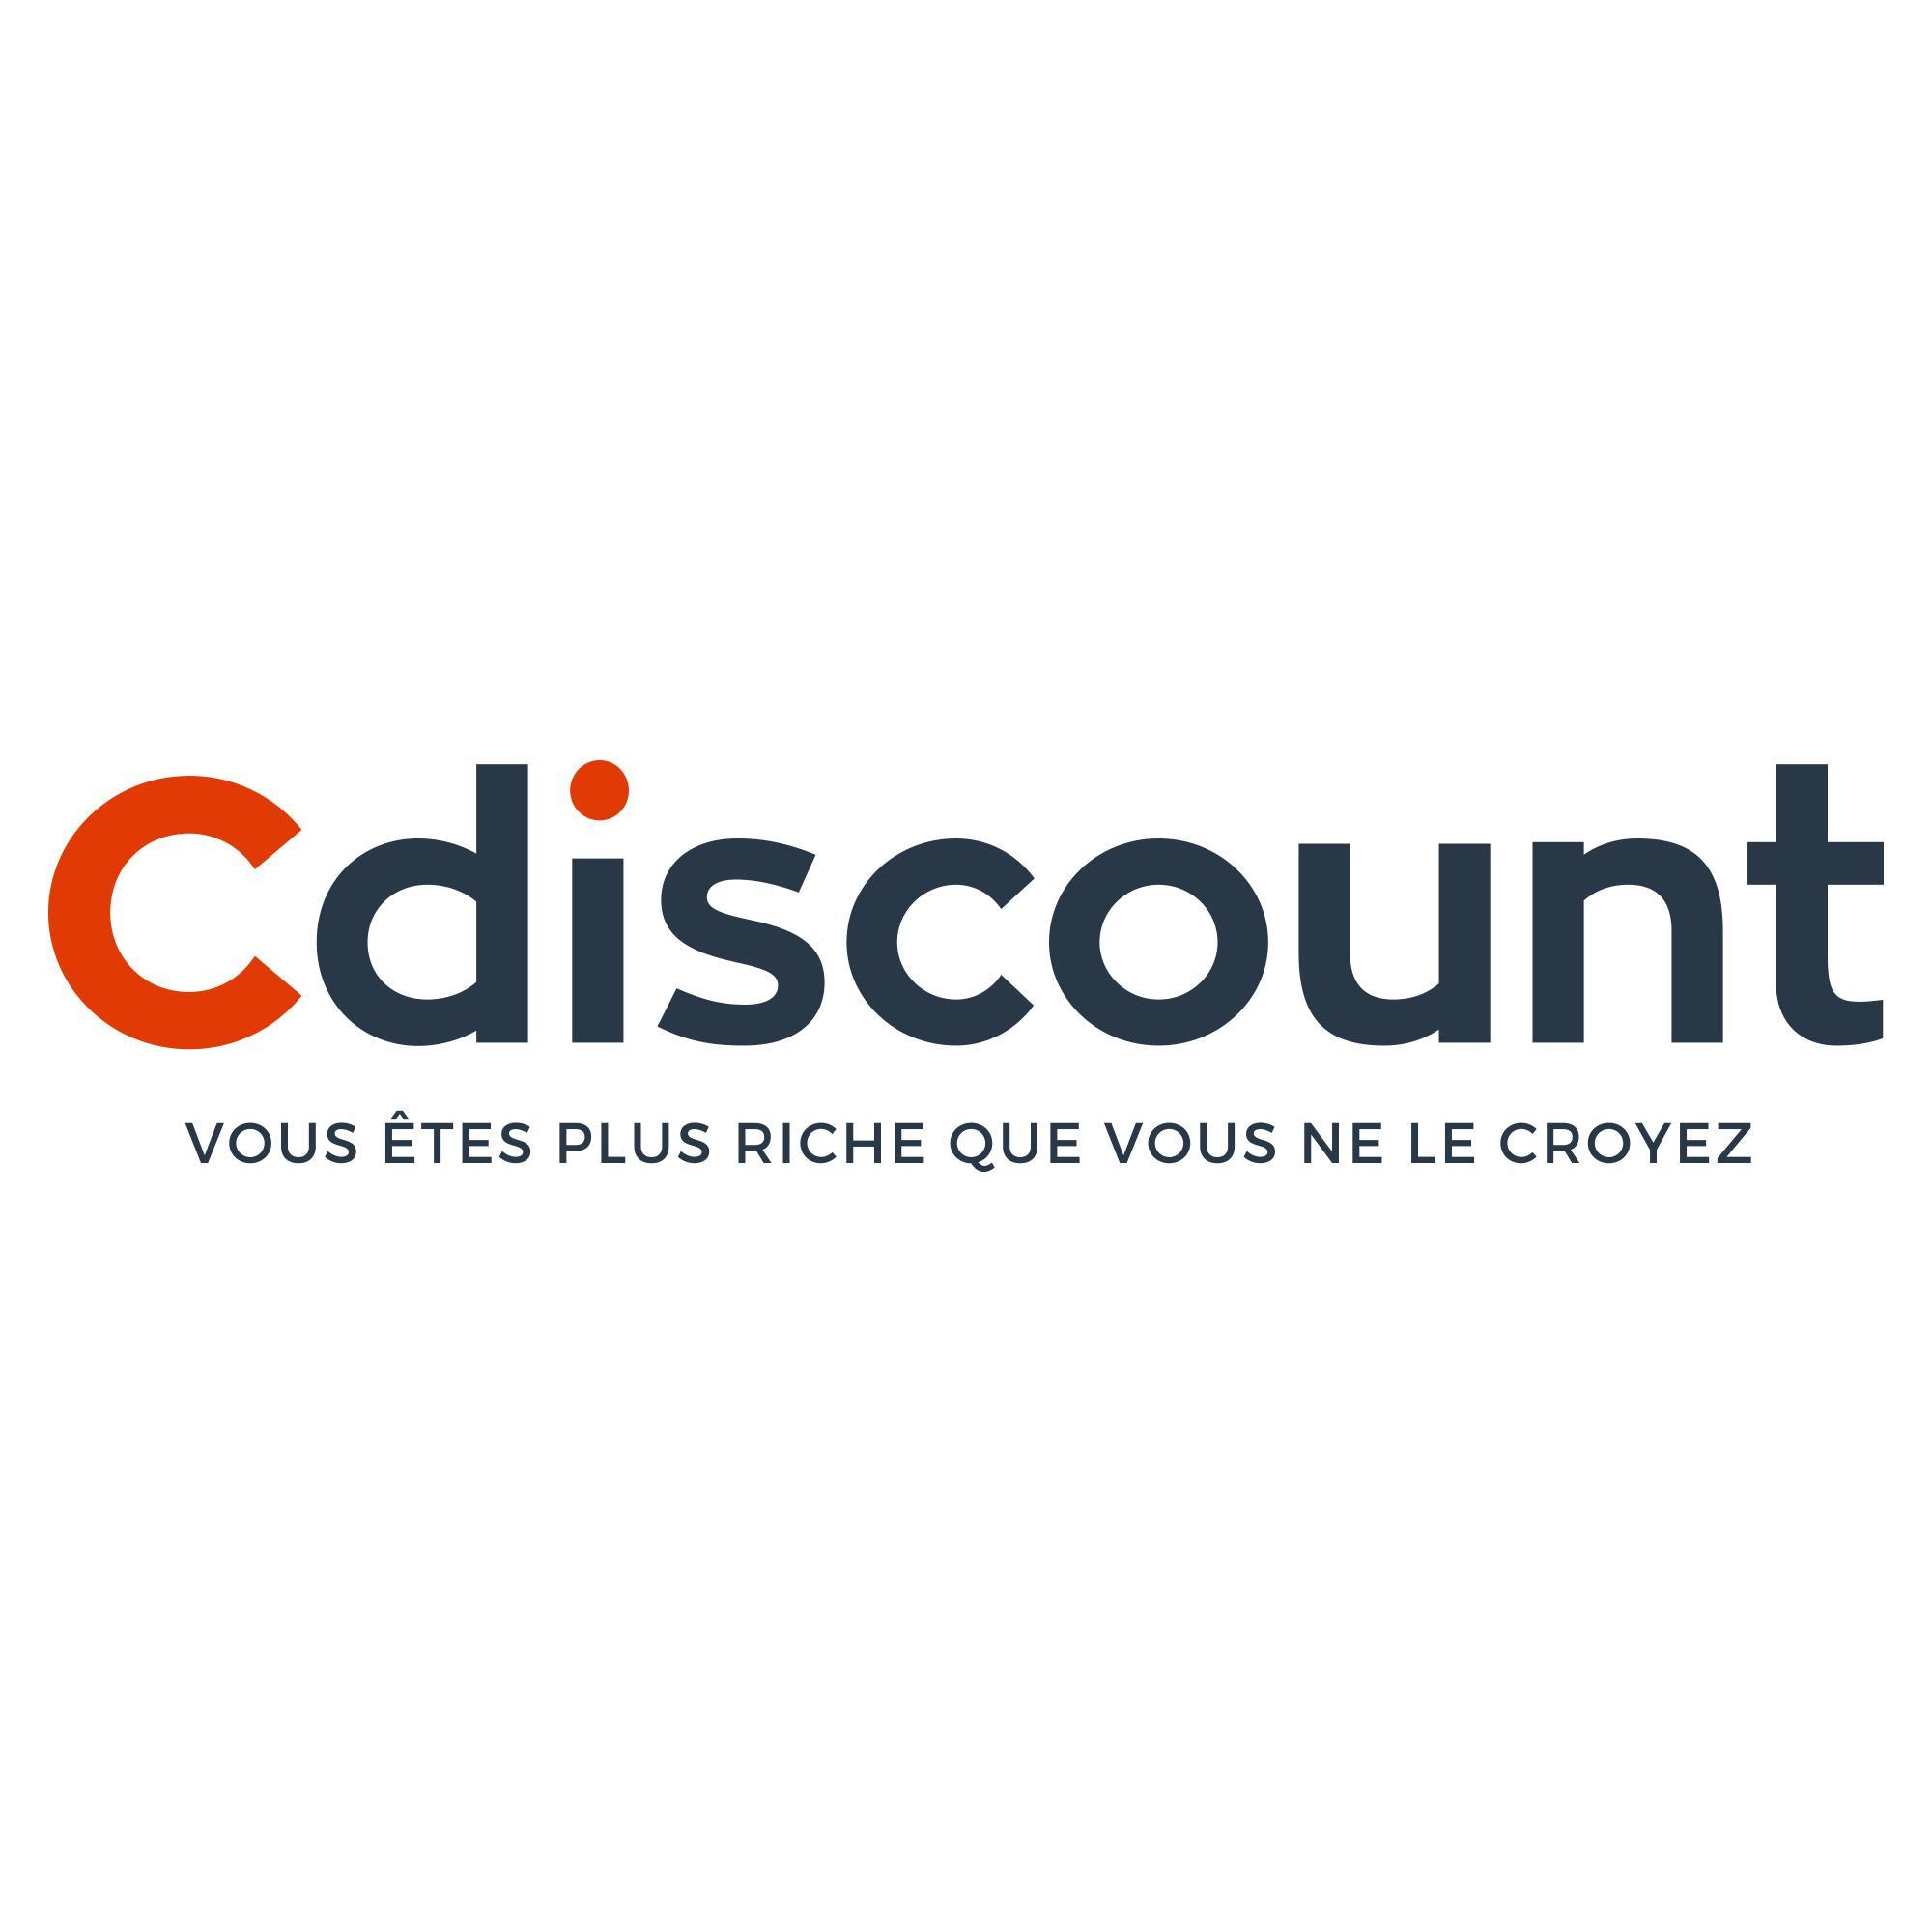 30€ de réduction dès 175€ d'achat, 20€ dès 125€ et 10€ dès 75€ sur tout le site